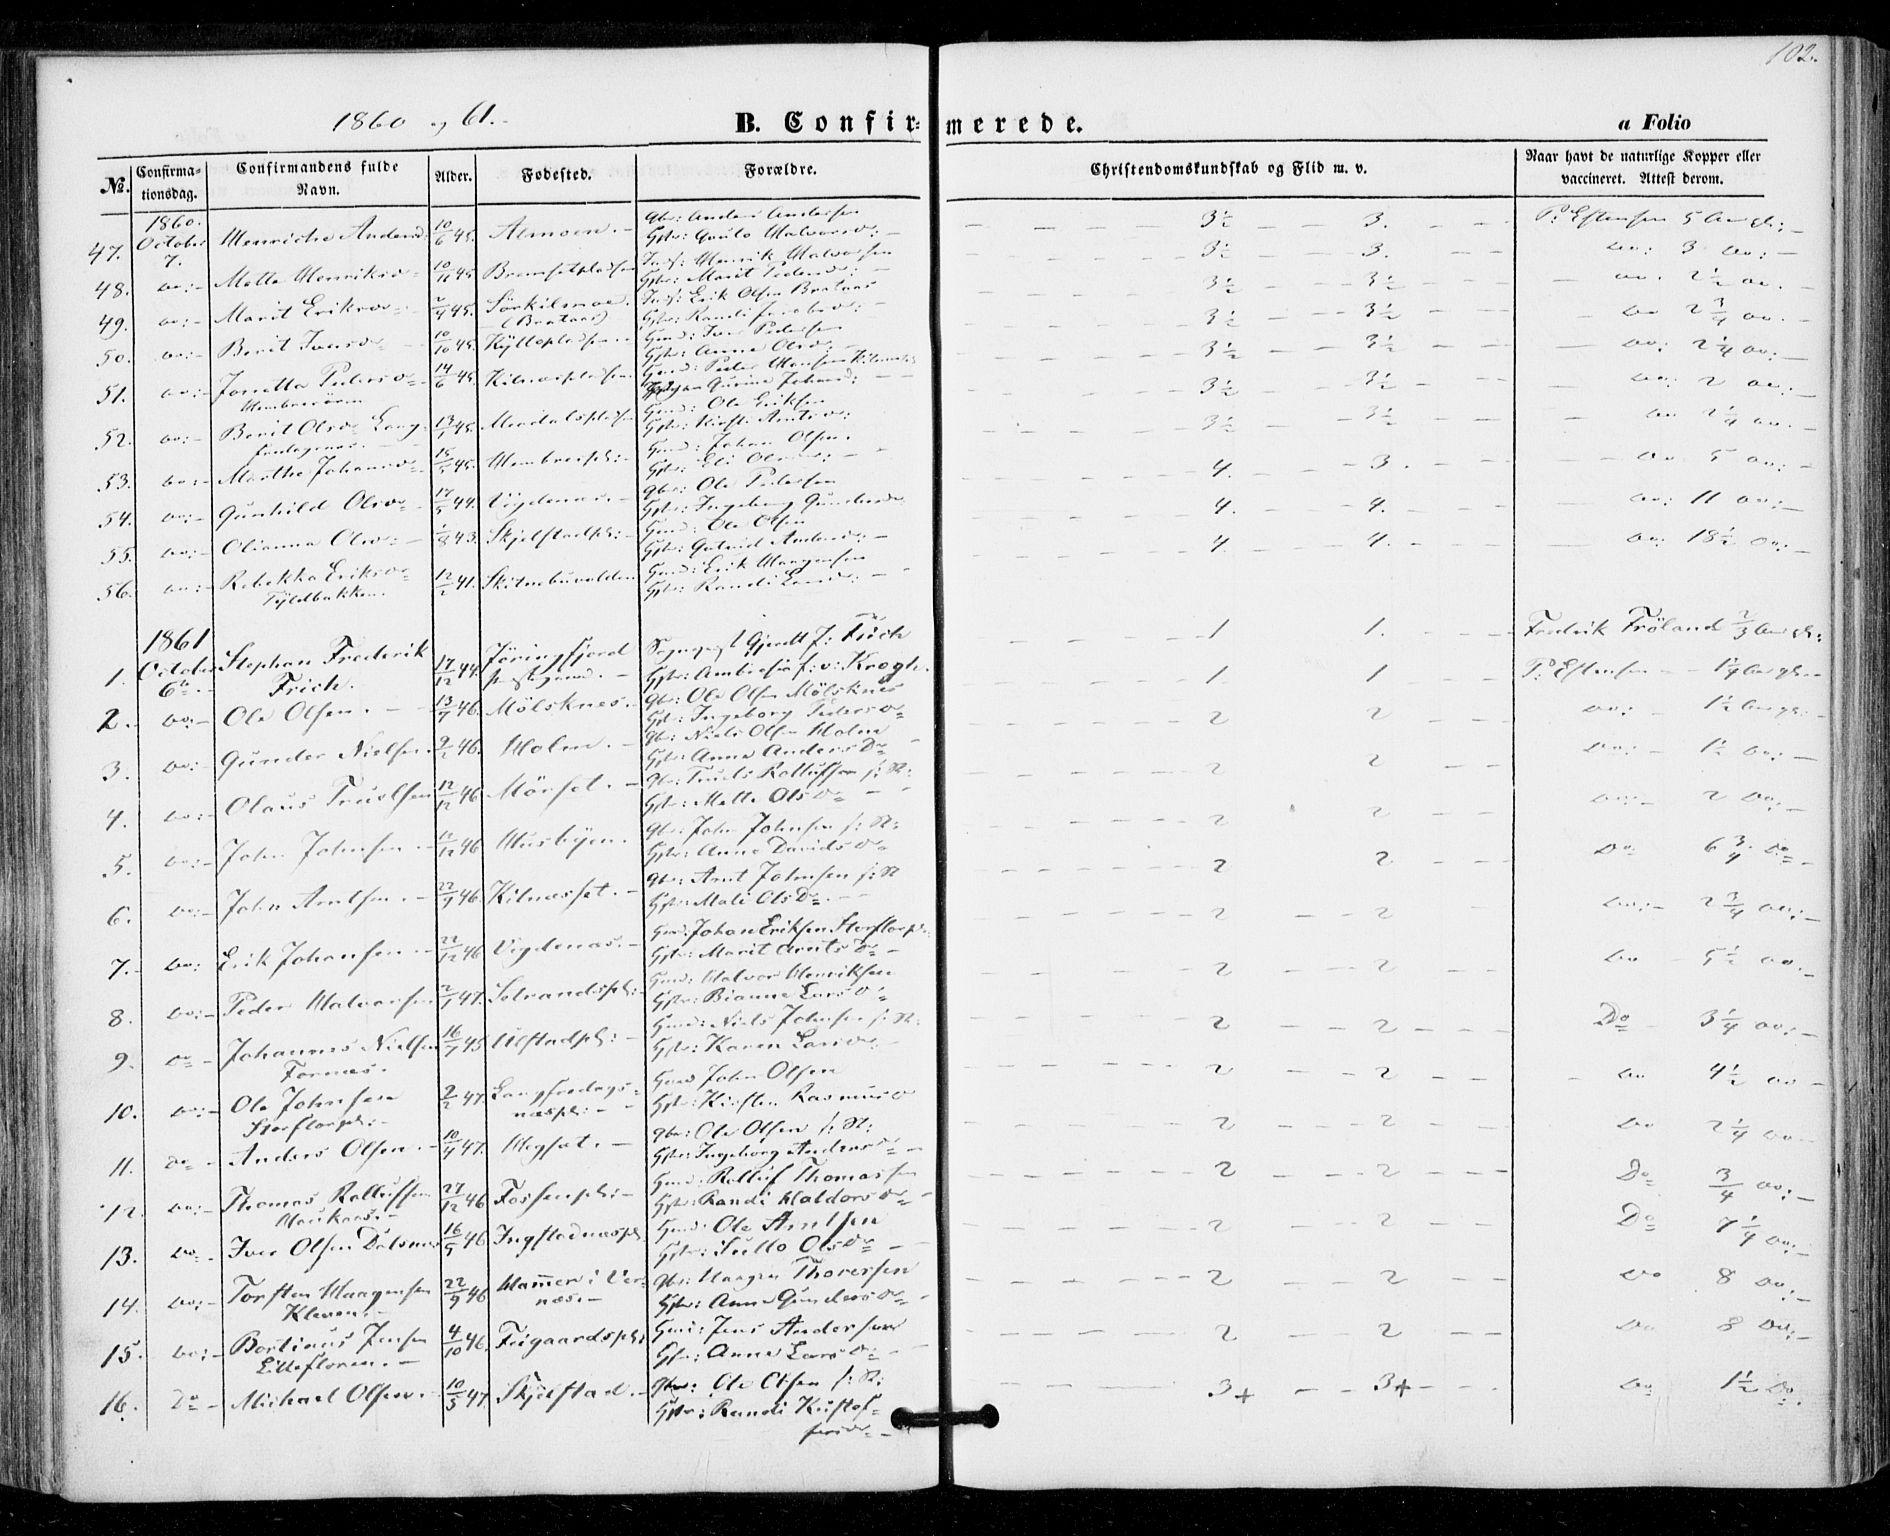 SAT, Ministerialprotokoller, klokkerbøker og fødselsregistre - Nord-Trøndelag, 703/L0028: Ministerialbok nr. 703A01, 1850-1862, s. 102